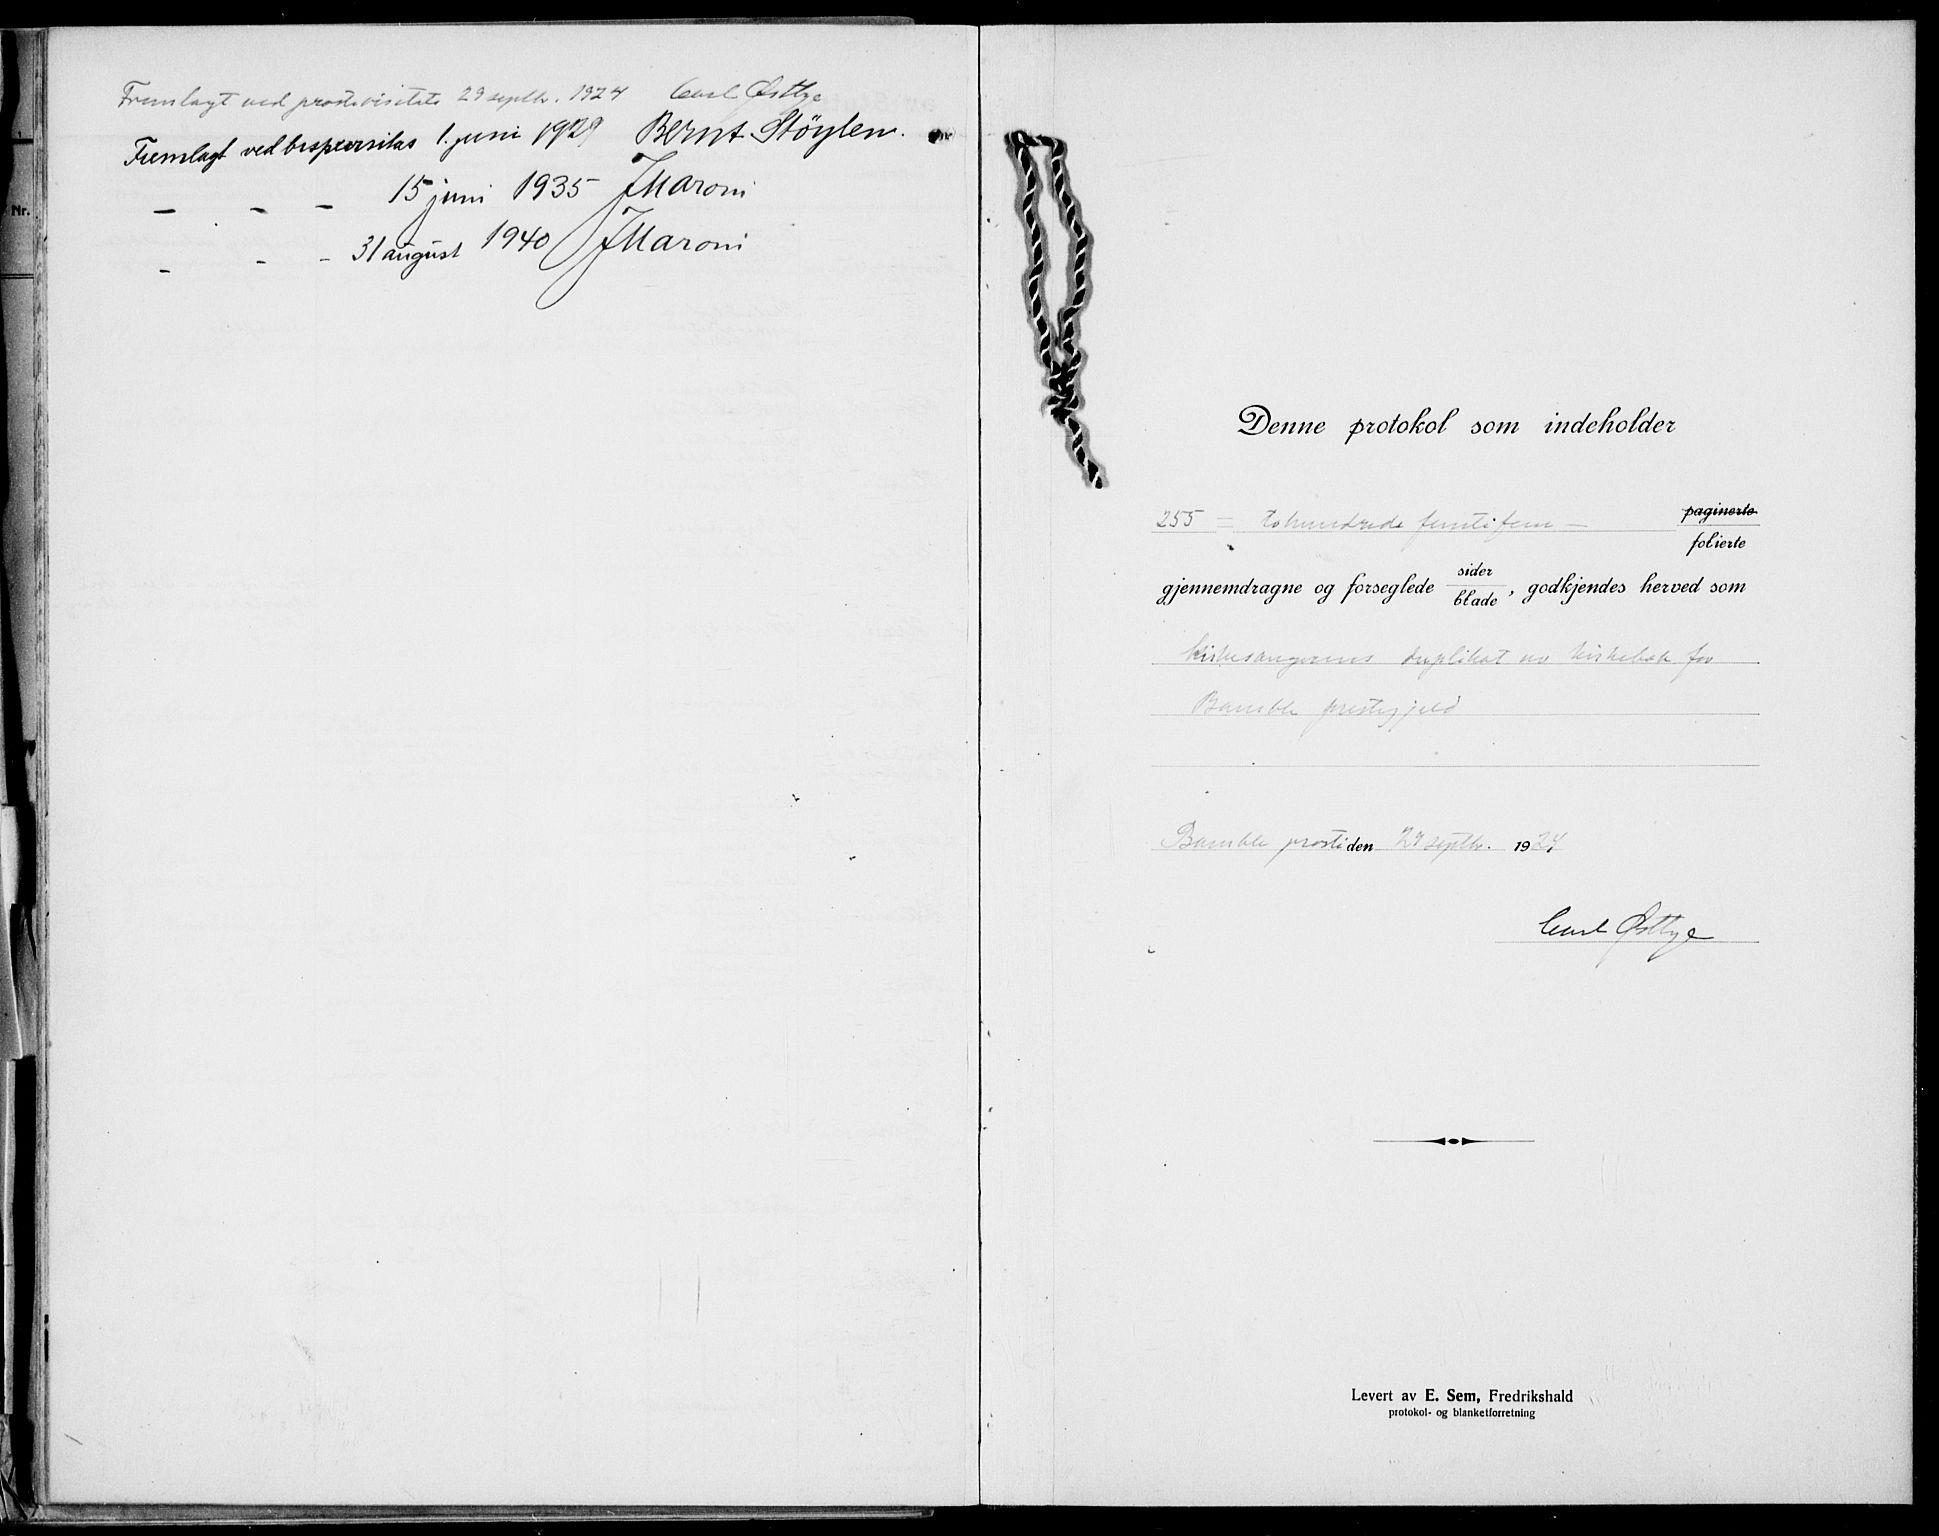 SAKO, Bamble kirkebøker, G/Ga/L0011: Klokkerbok nr. I 11, 1920-1935